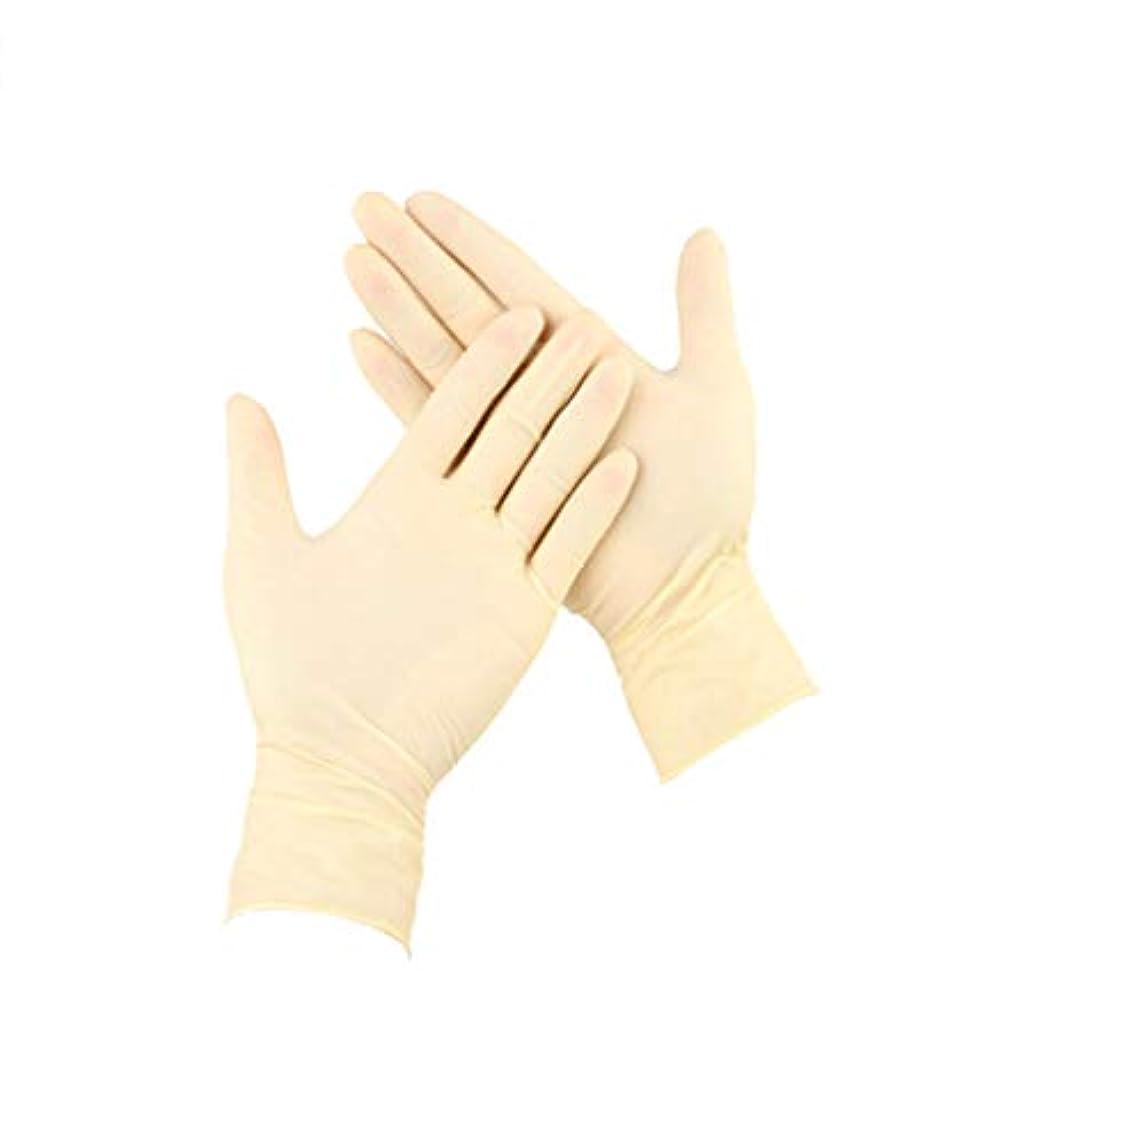 ハンディ小道安全性グローブ使い捨てラテックス手袋ゴム保護手袋は、静電気防止キッチンケータリングクリームイエローラテックス100個をチェックする (サイズ さいず : S s)